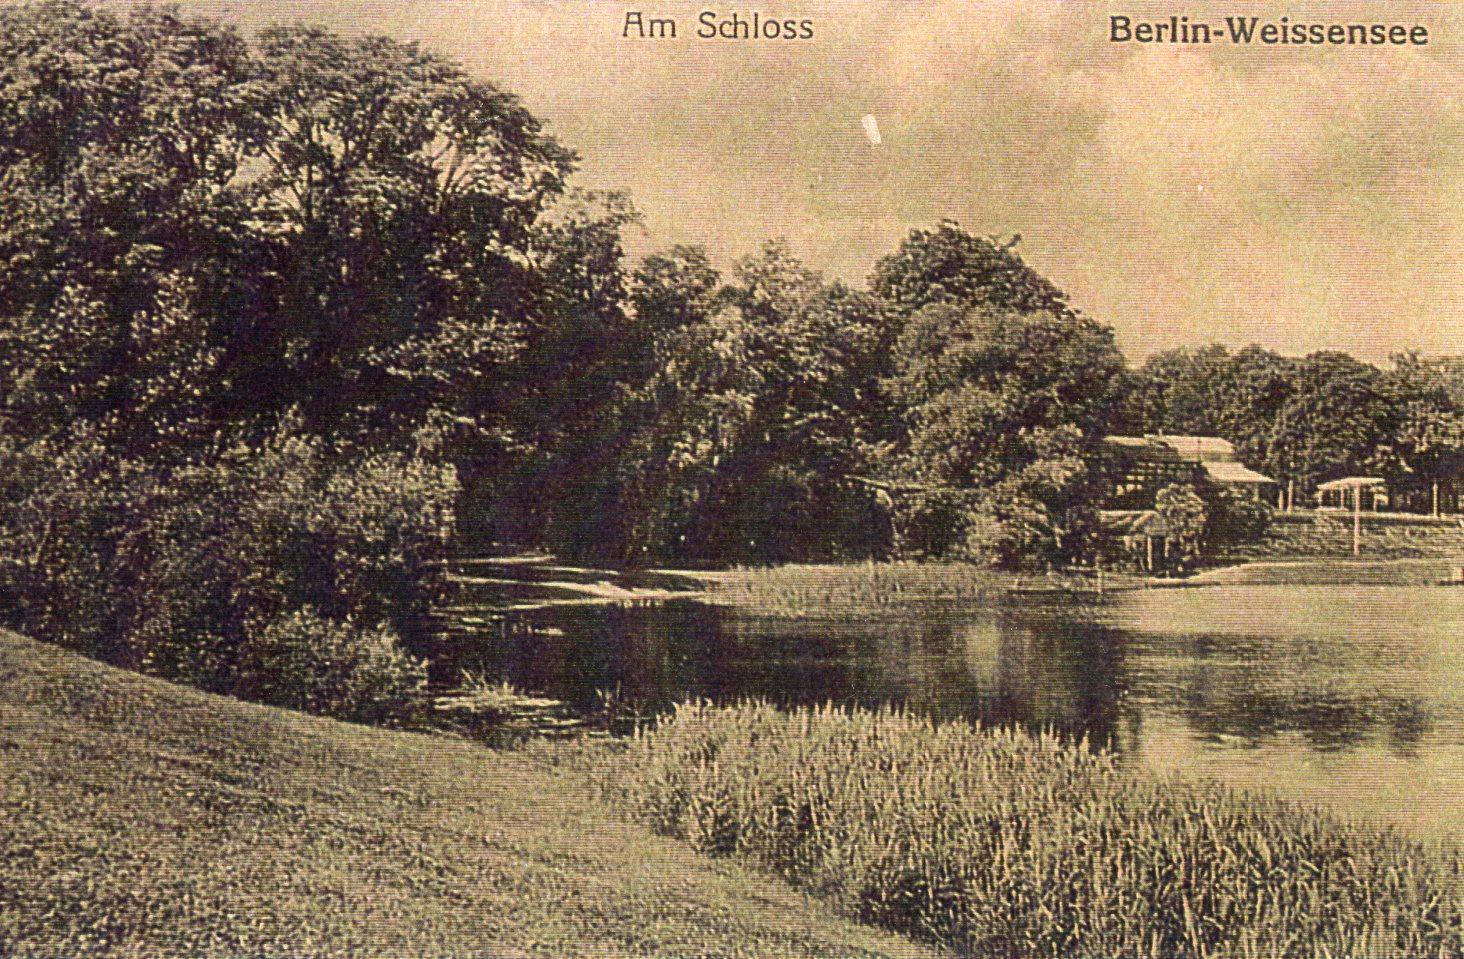 Schloss Weissensee